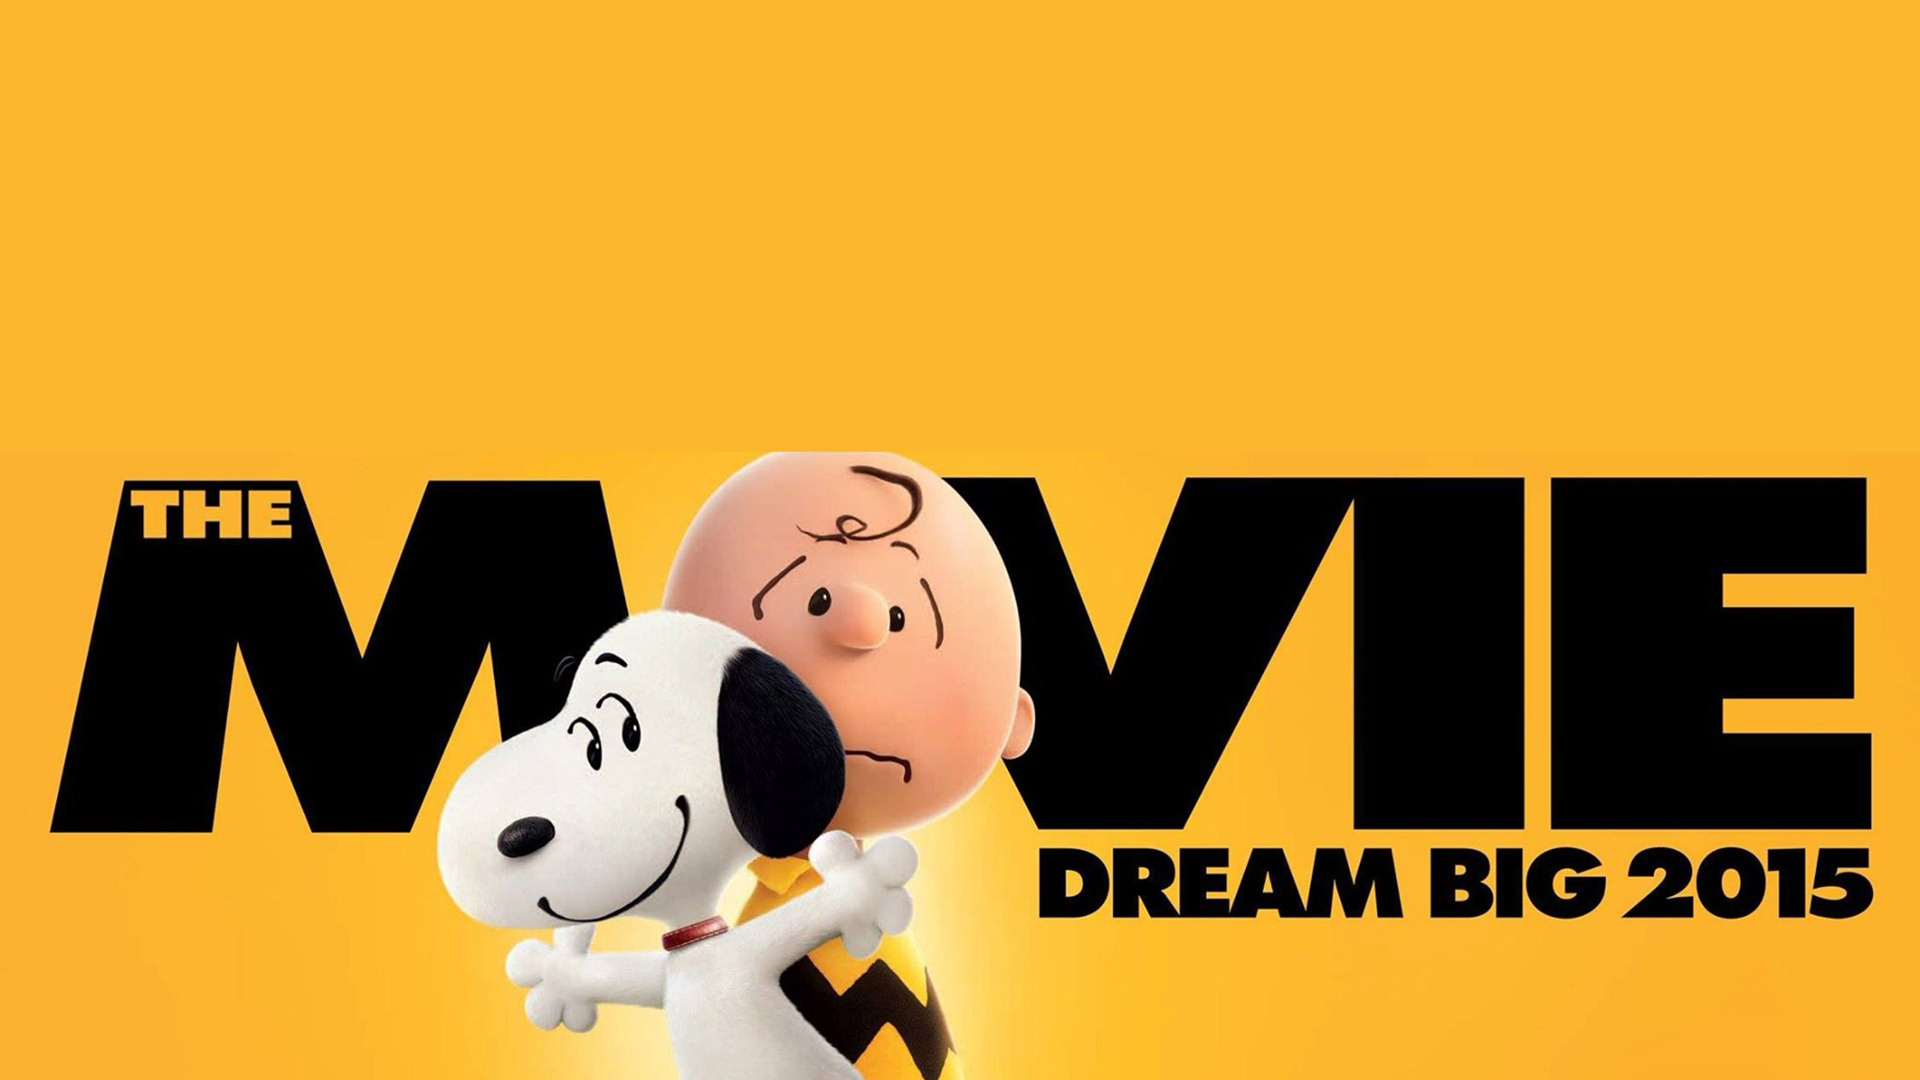 Cute Snoopy Wallpaper Iphone Hd Snoopy Wallpapers Pixelstalk Net